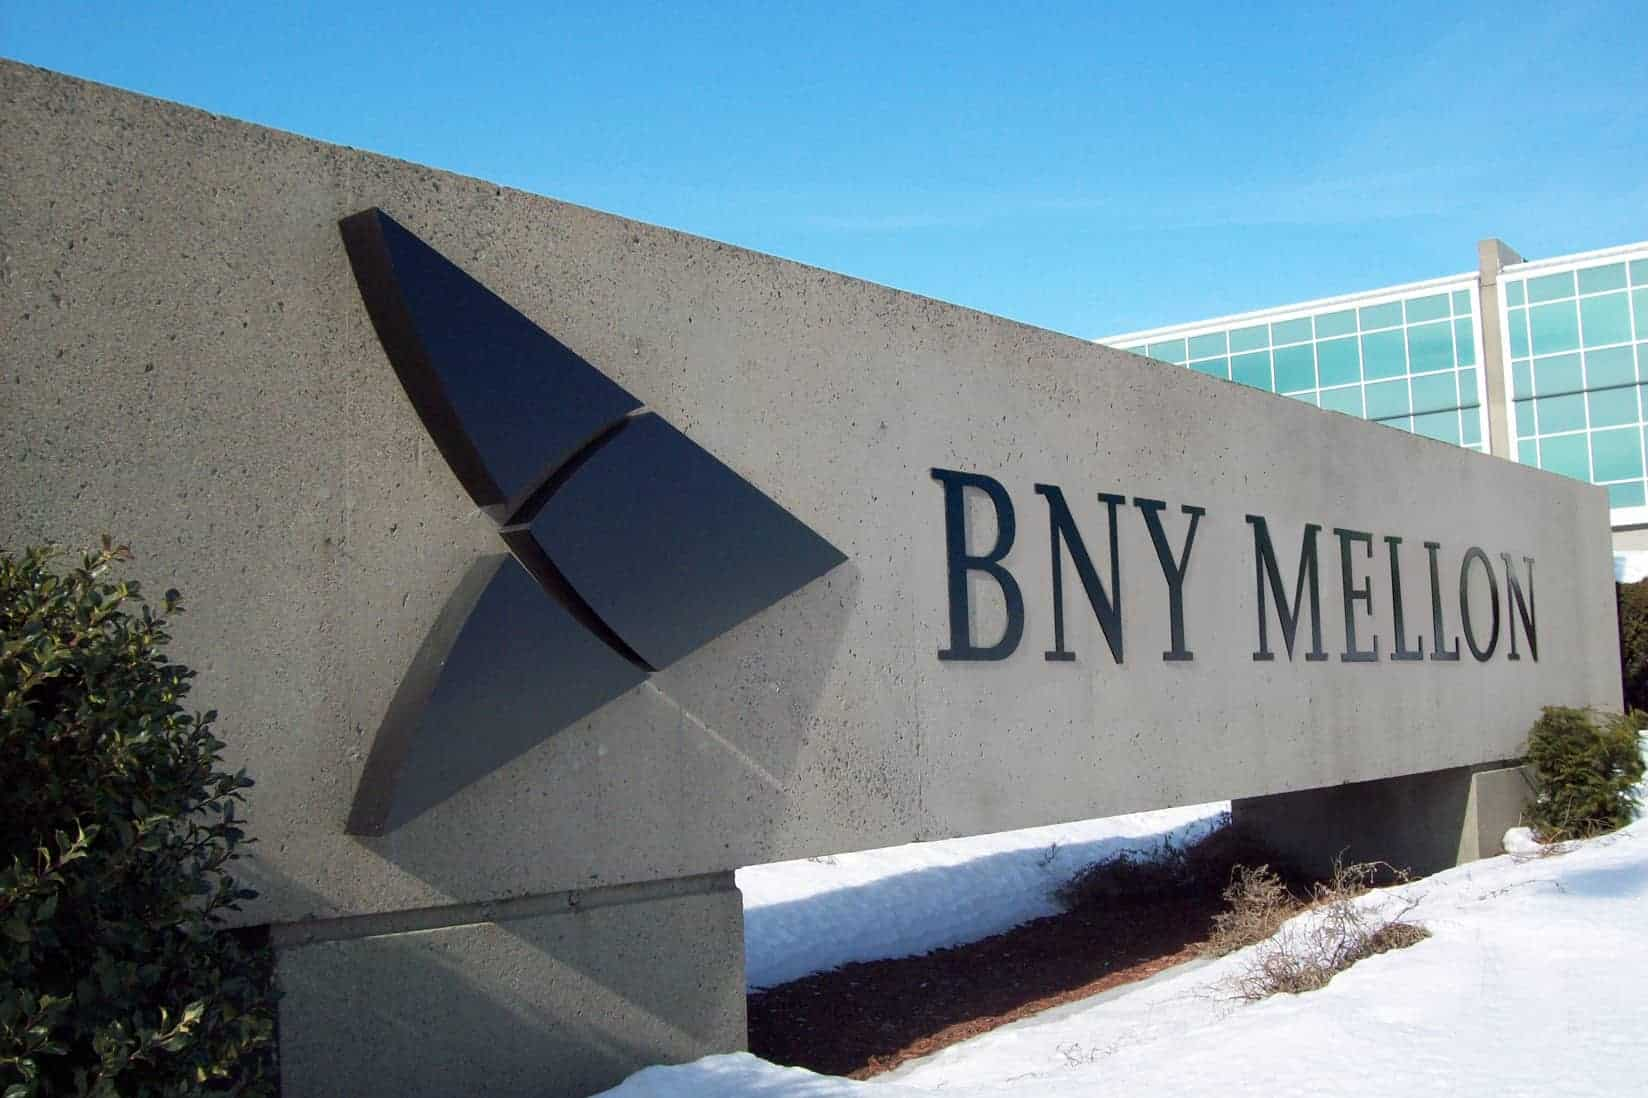 BNY Mellon3